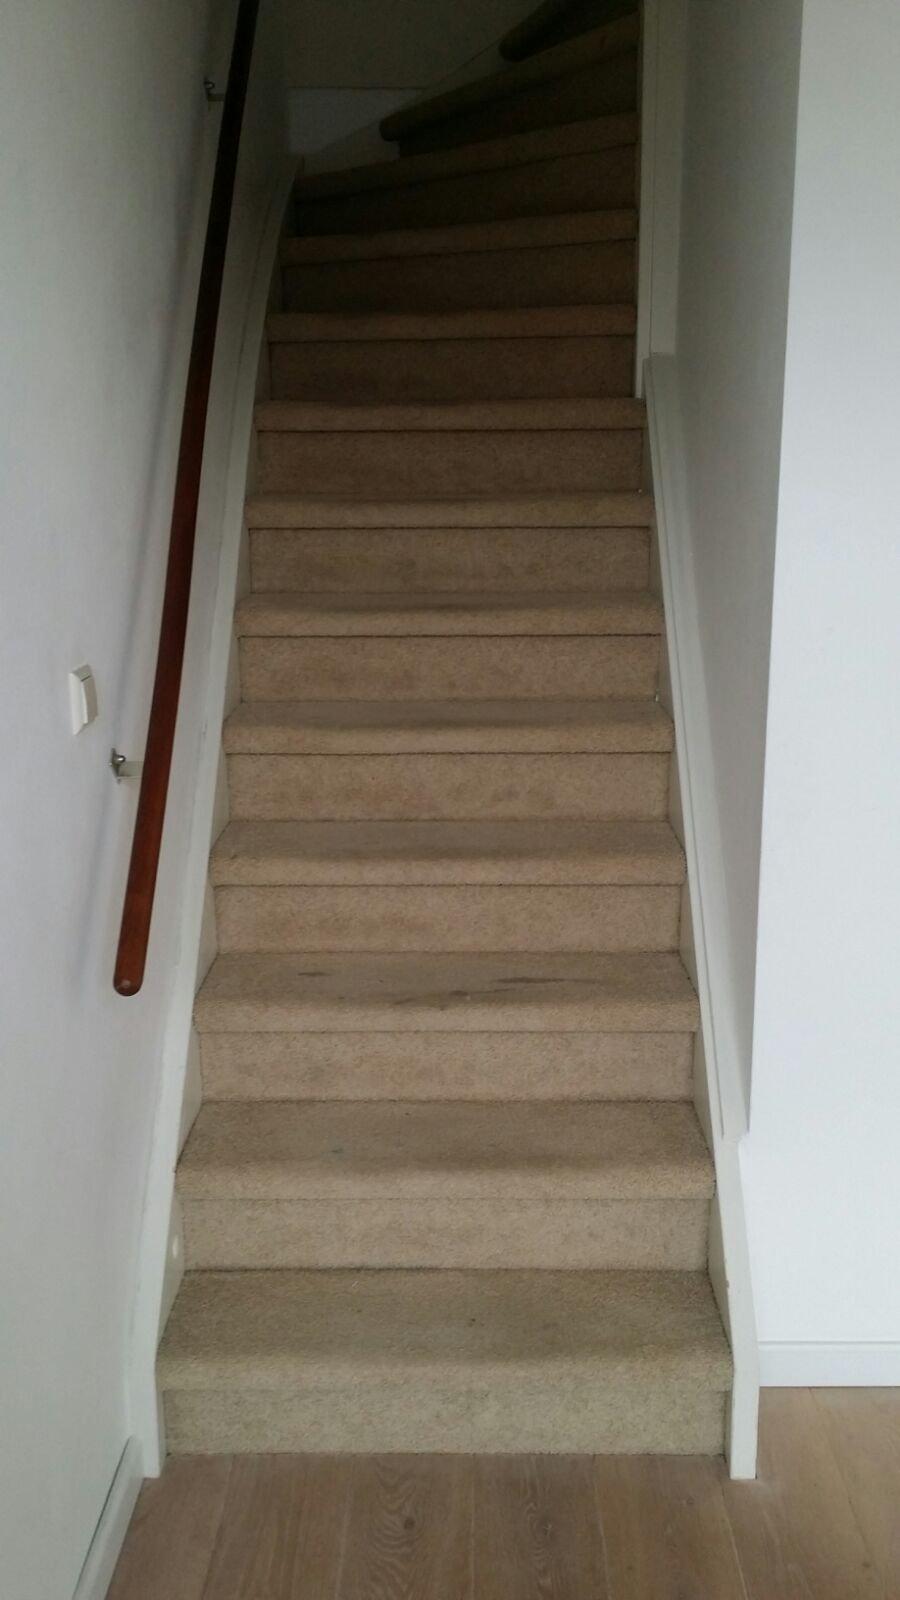 Reinigen van tapijt van het trappenhuis werkspot - Vervoeren van een trappenhuis ...